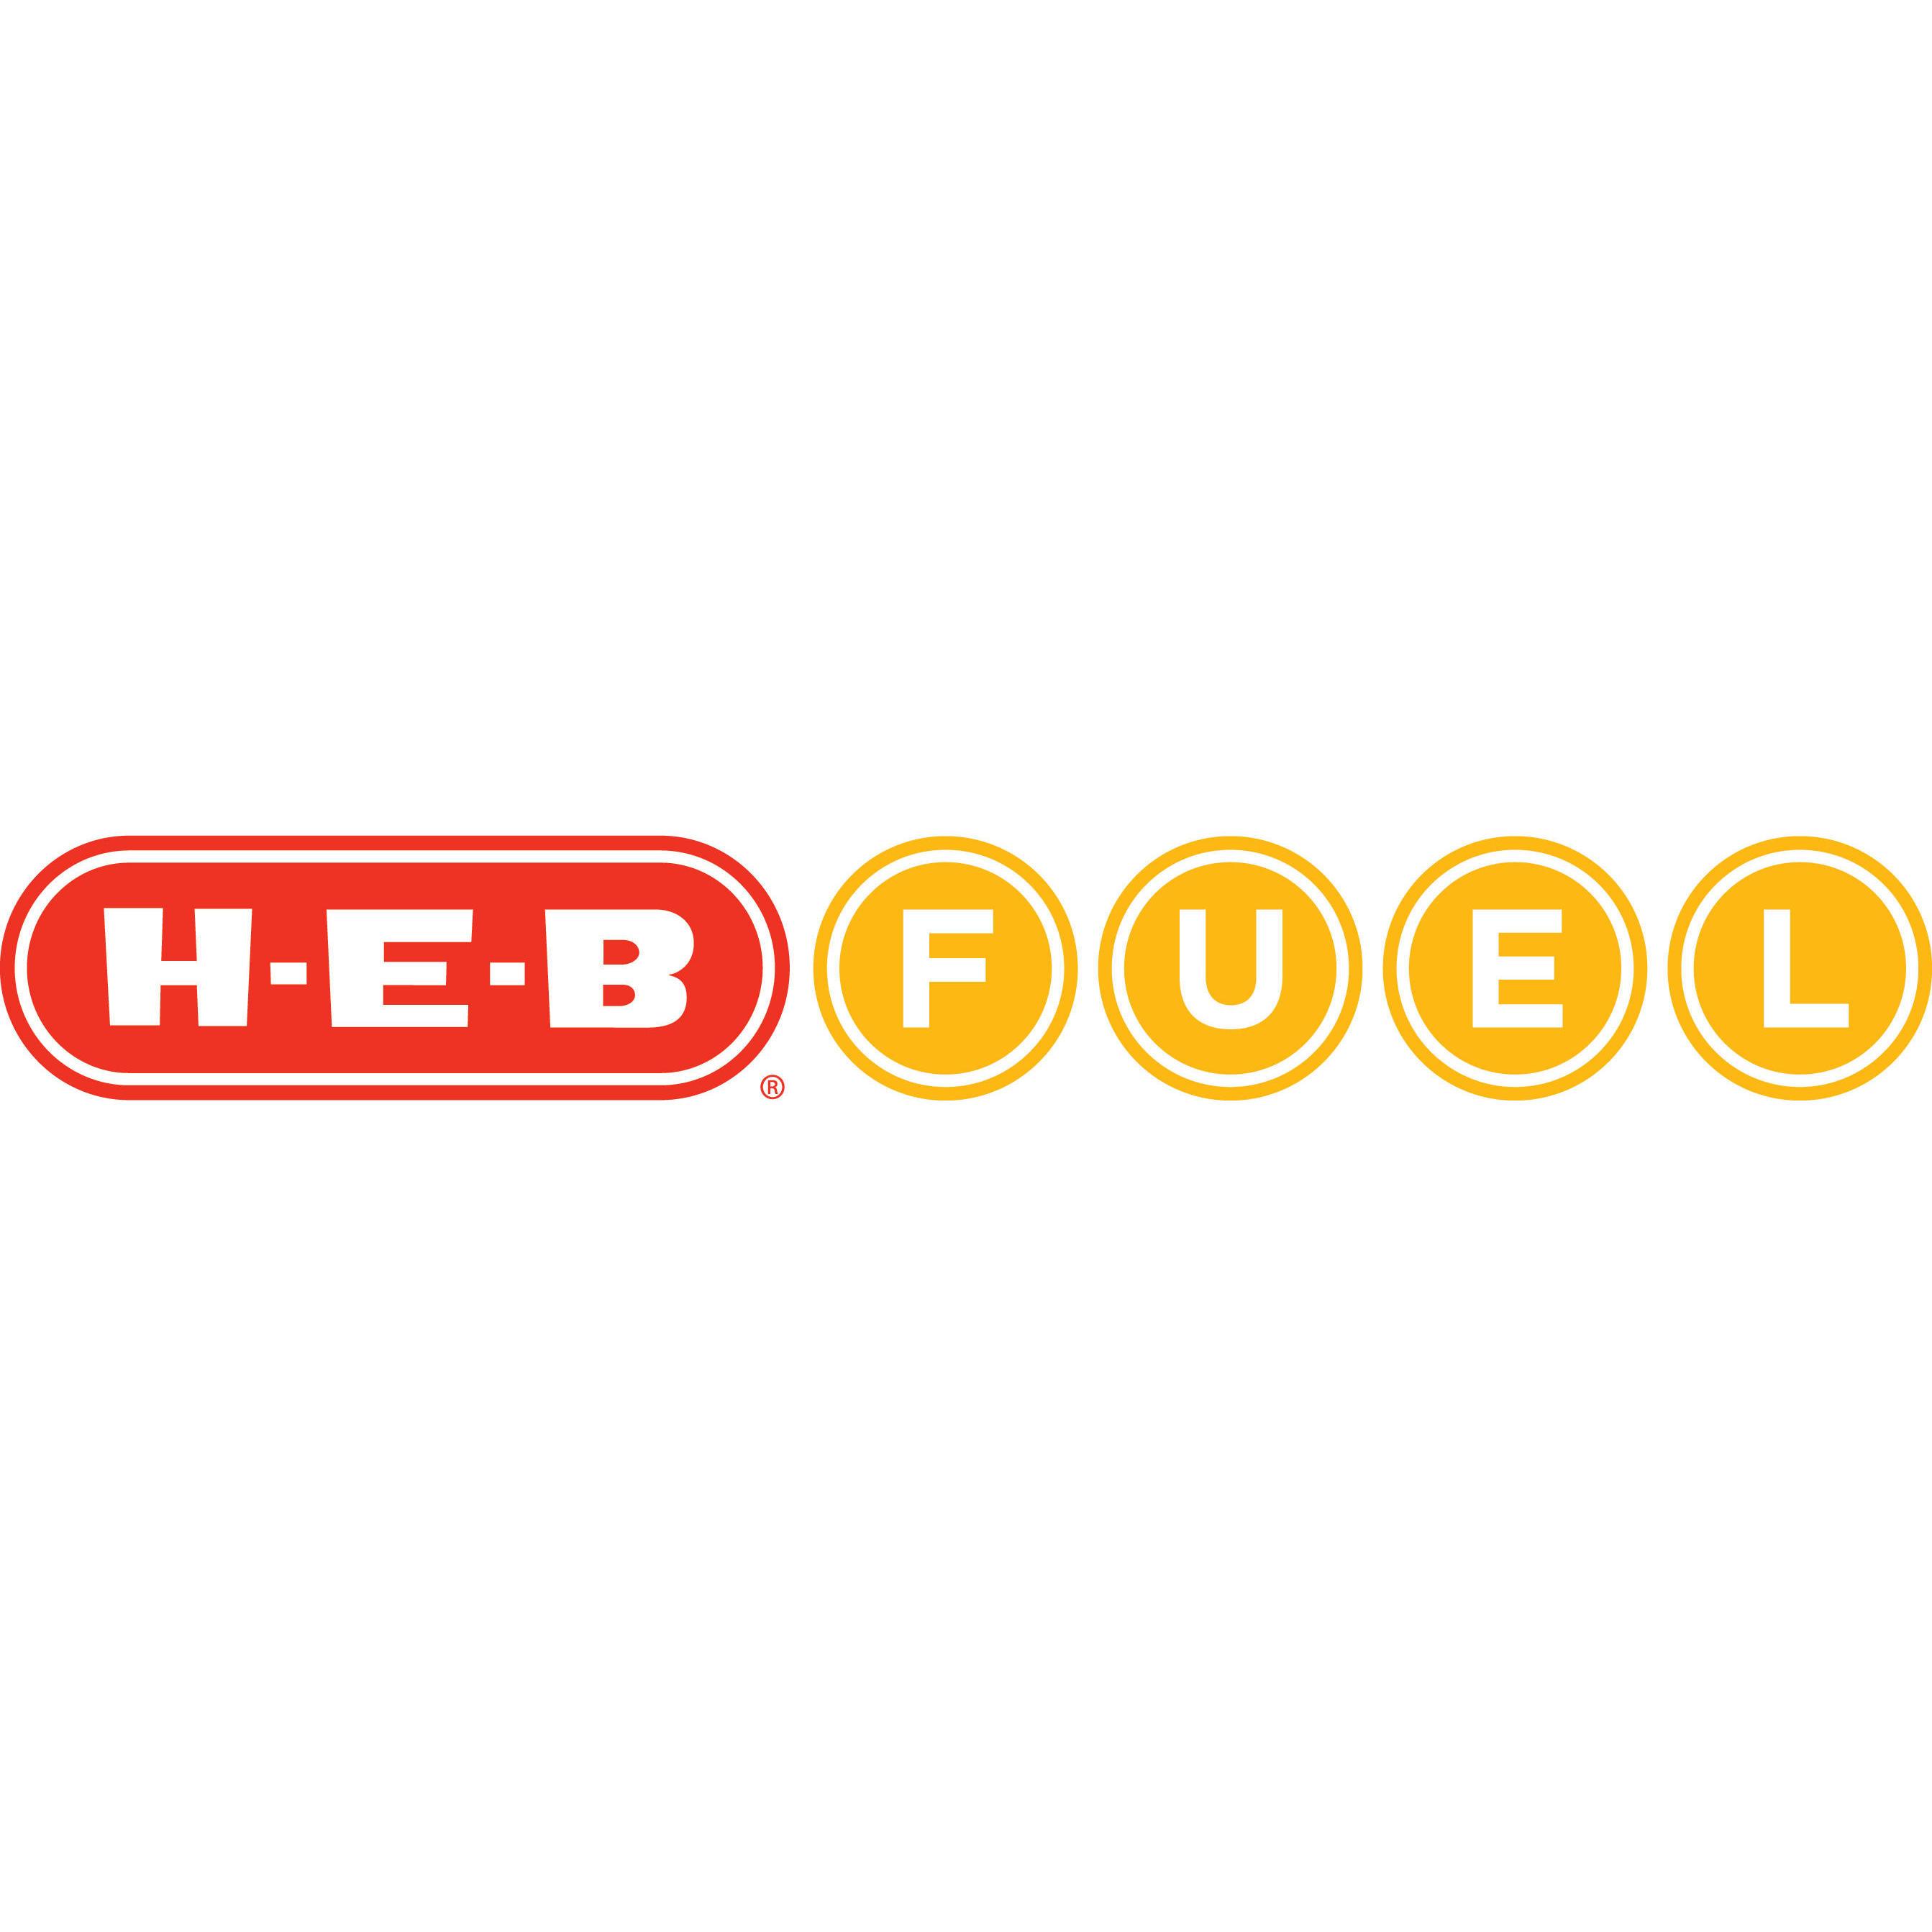 H-E-B Fuel